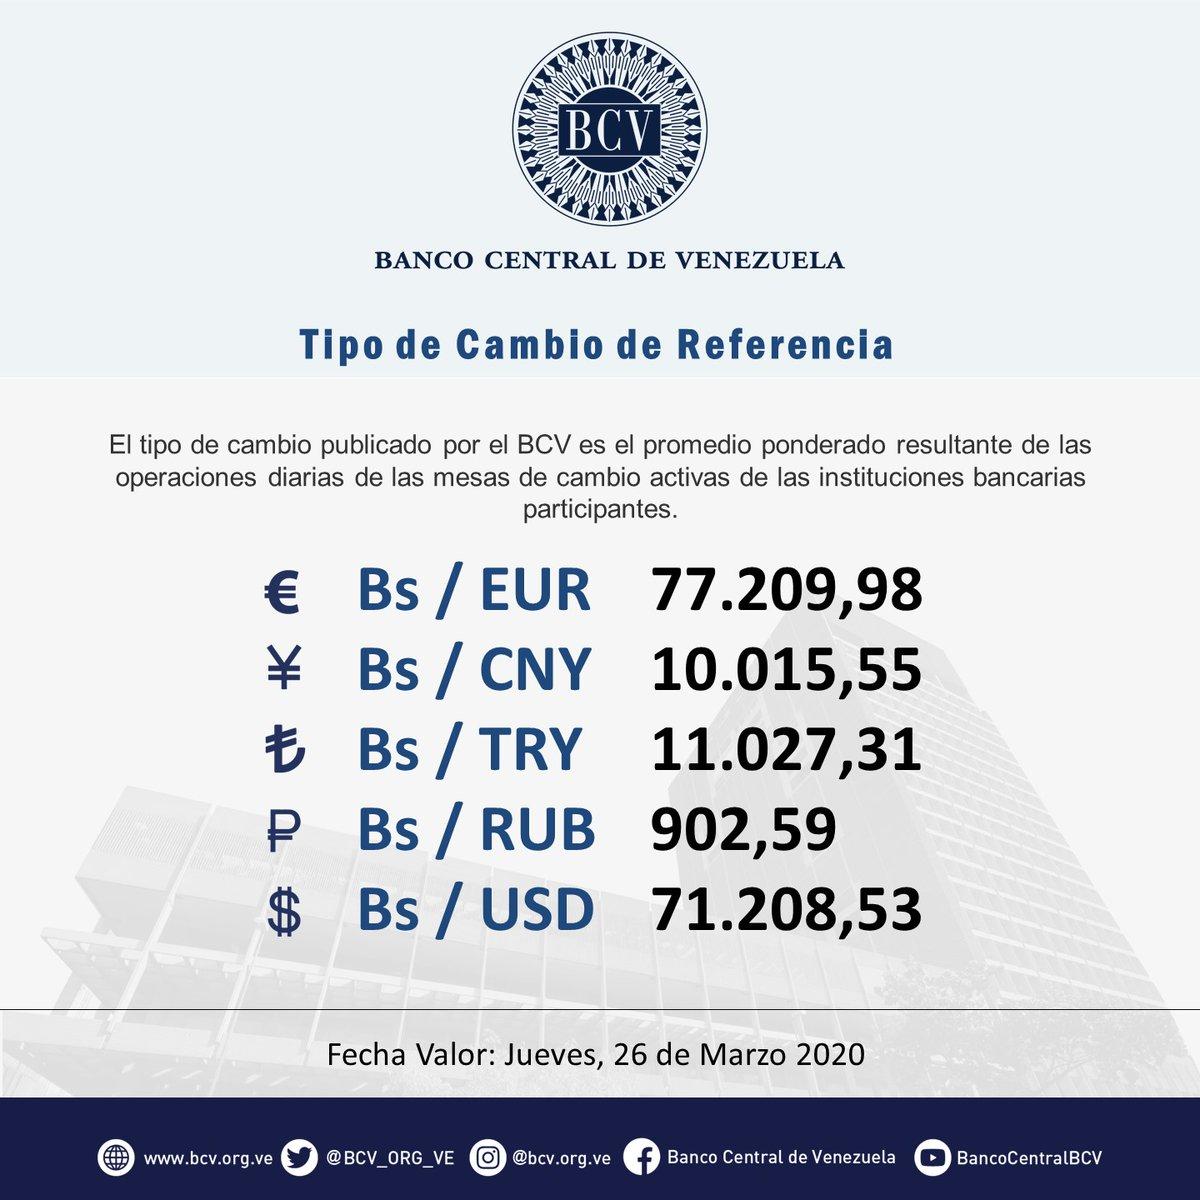 Atención|| El tipo de cambio publicado por el BCV es el promedio ponderado de las operaciones de las mesas de cambio de las instituciones bancarias. Al cierre de la jornada del miércoles 25-03-2020, los resultados son:  #MercadoCambiario #BCVpic.twitter.com/TVylqbVdXW